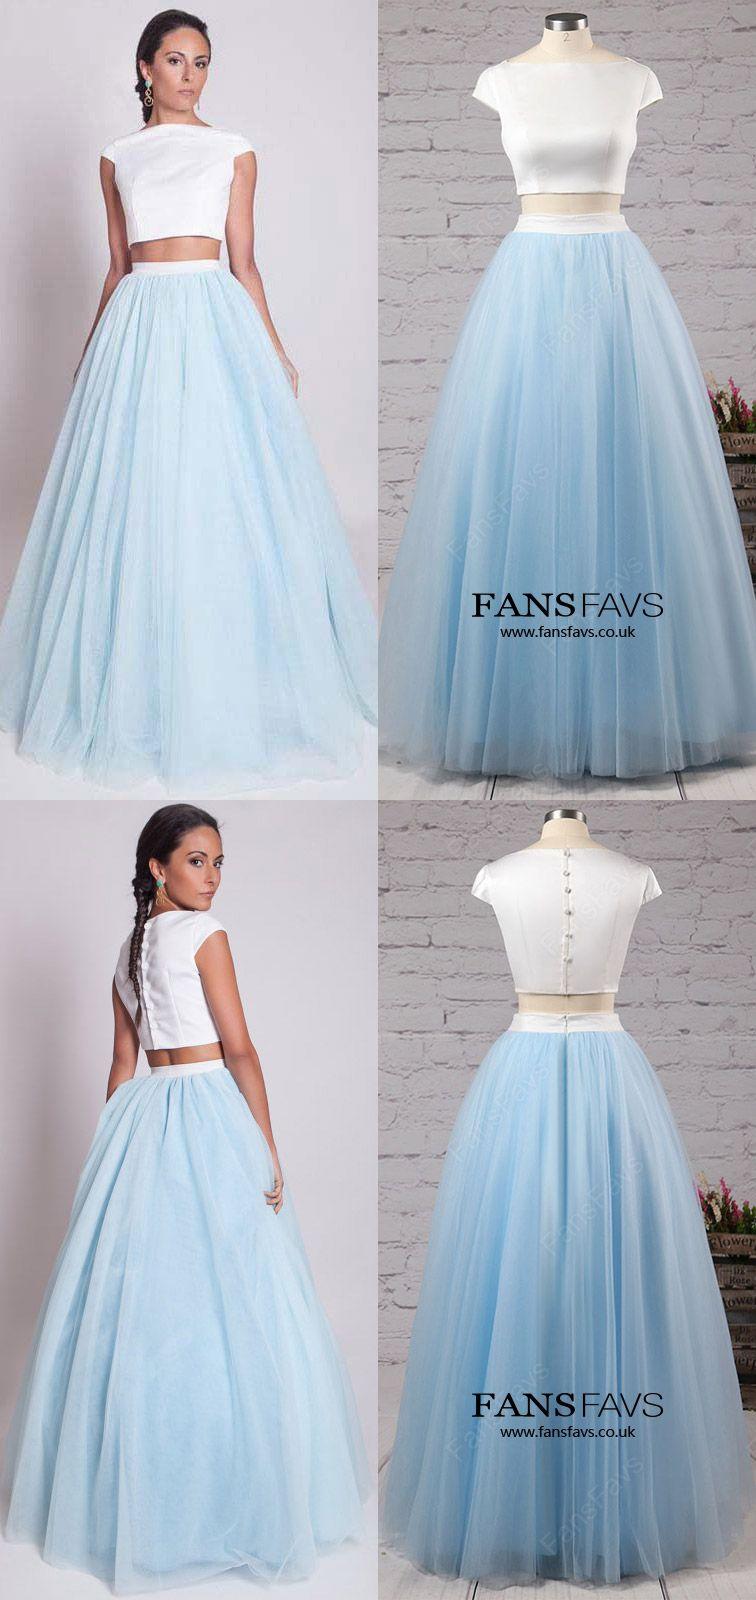 Light Sky Blue Prom Dresses,Long Prom Dresses For Teens,Elegant Prom ...